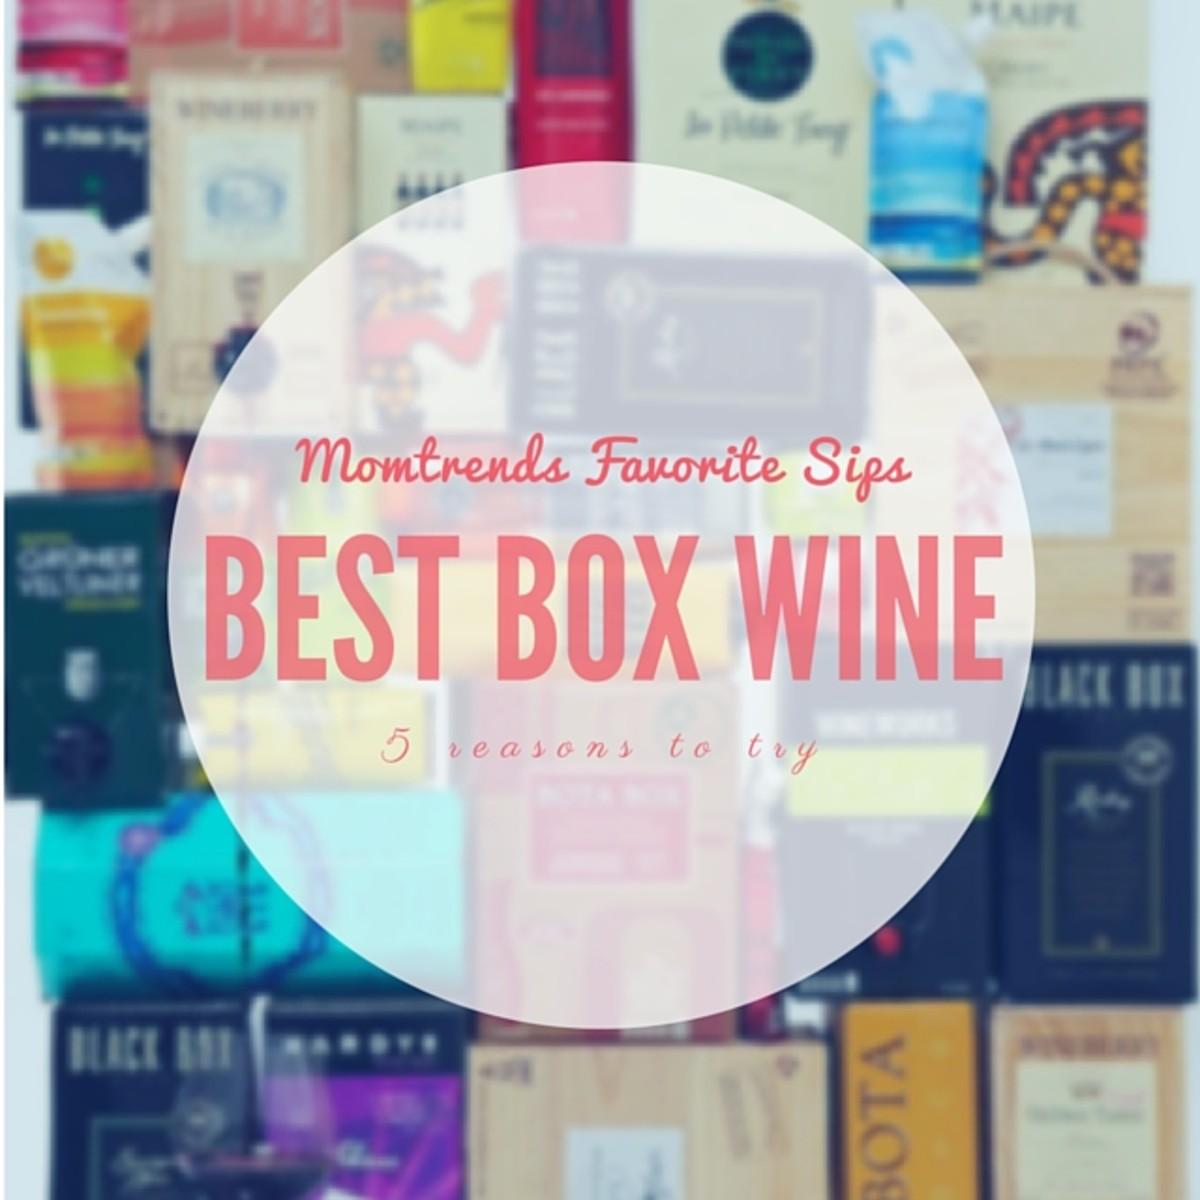 BEST BOX WINE